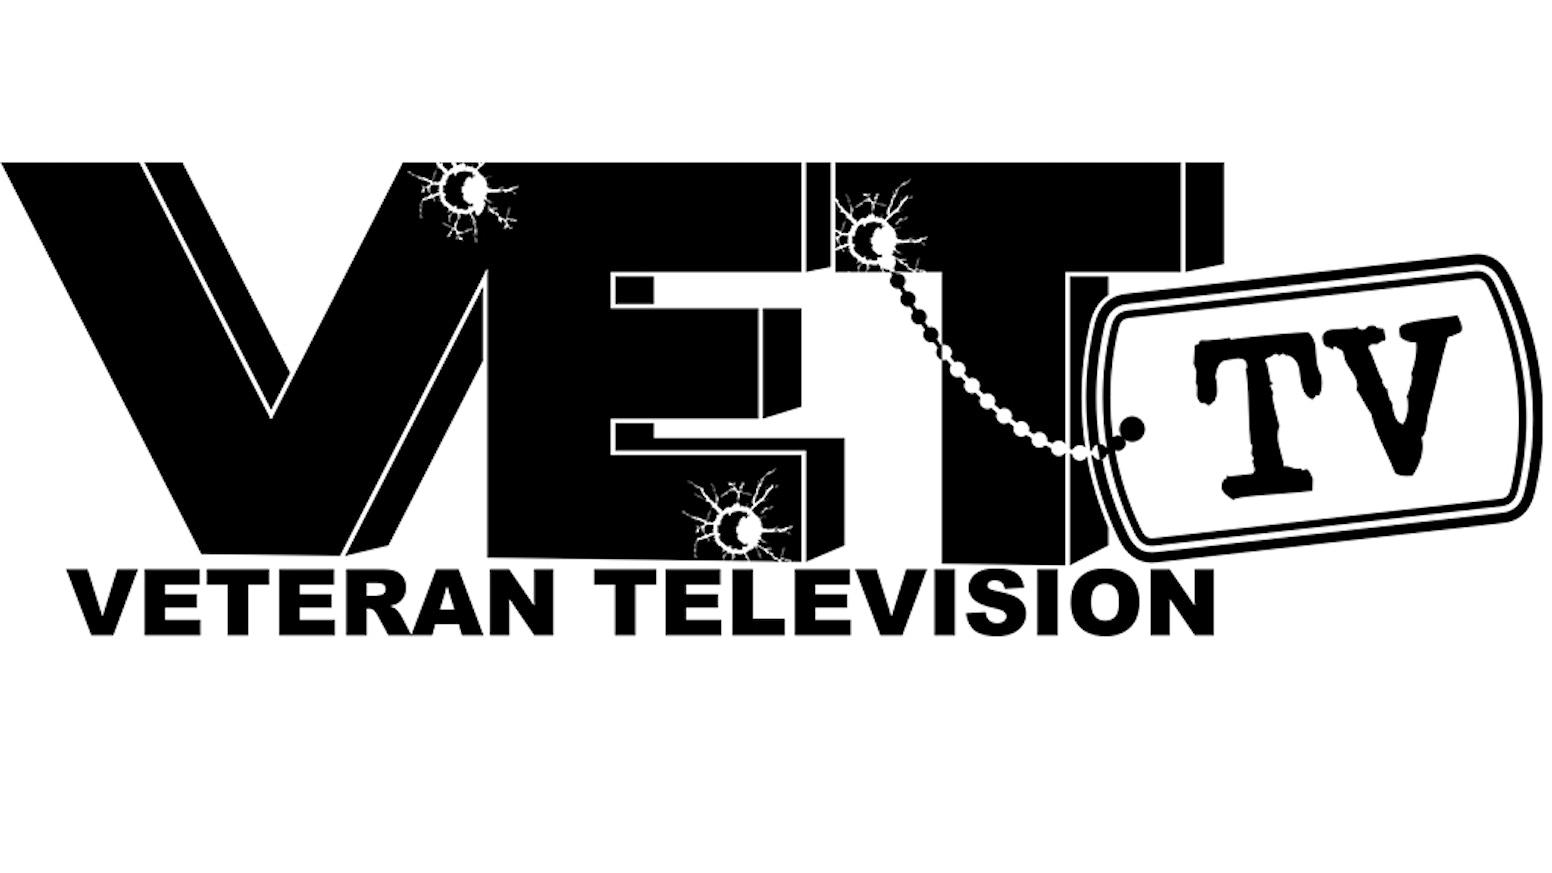 VET Tv - Streaming TV network for post 9/11 veterans by Donny O ...